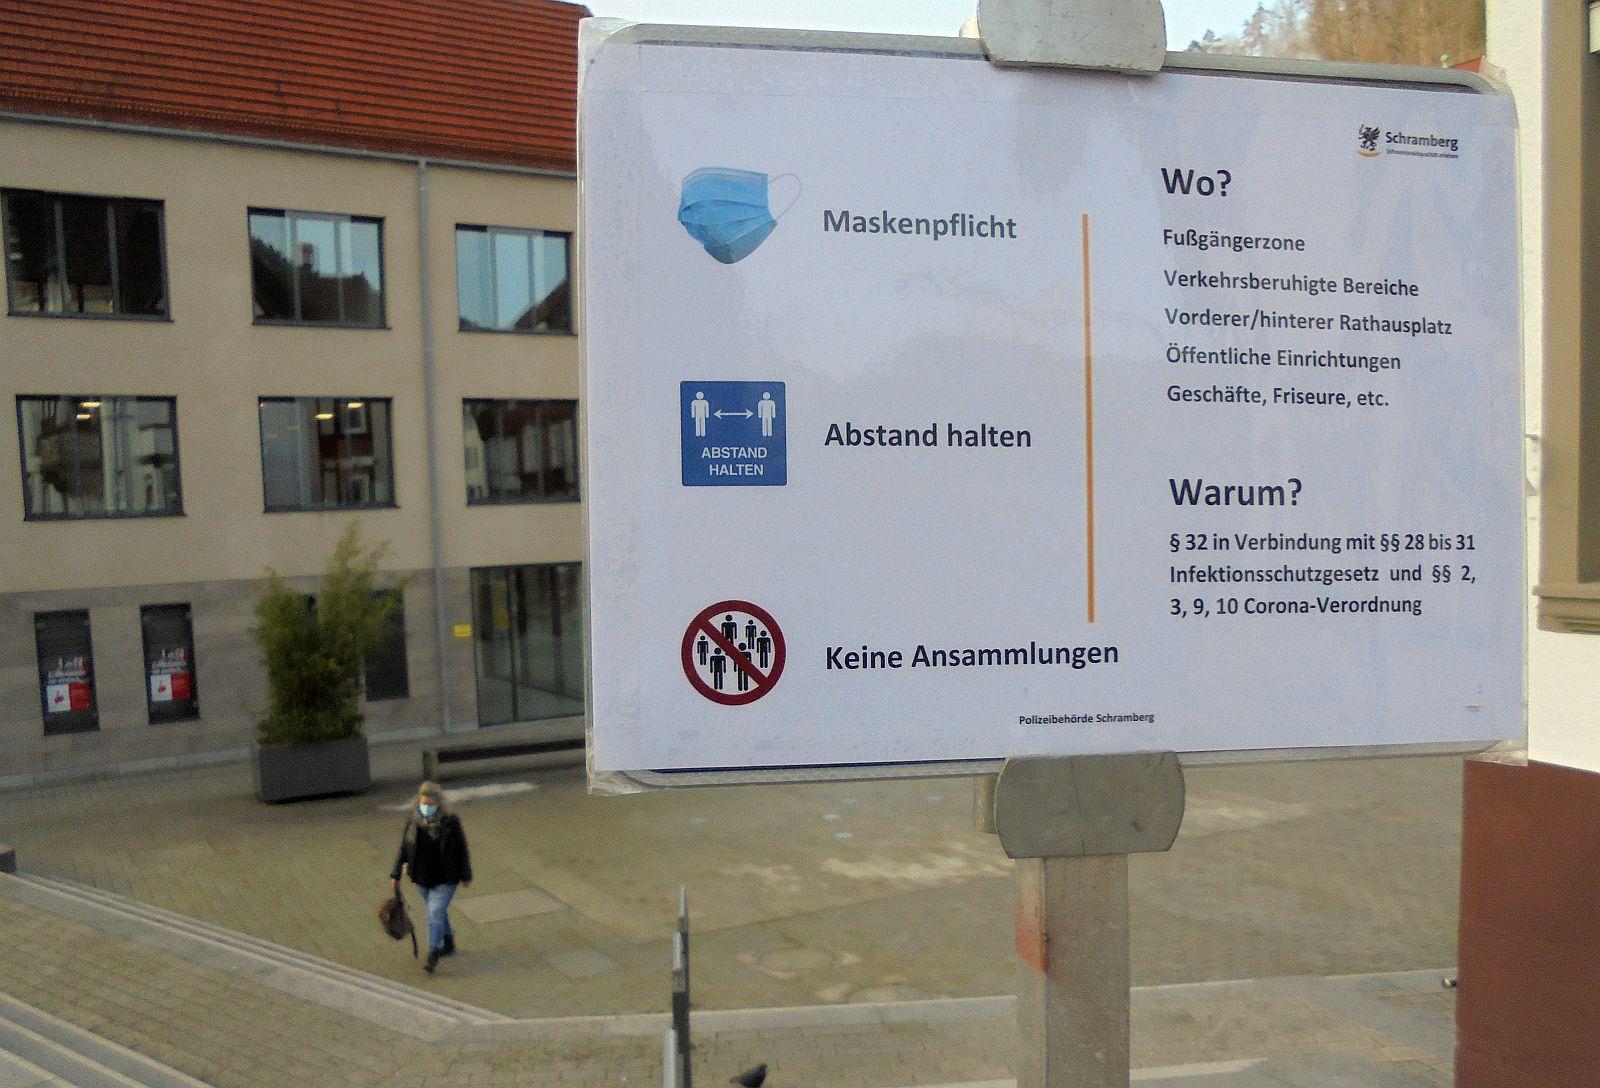 Seit Feitagmorgen weisen Schilder auf die Maskenpflicht und Abstandsregeln in der Schramberger Innenstadt hin - wie hier am Rathausplatz. Foto: him